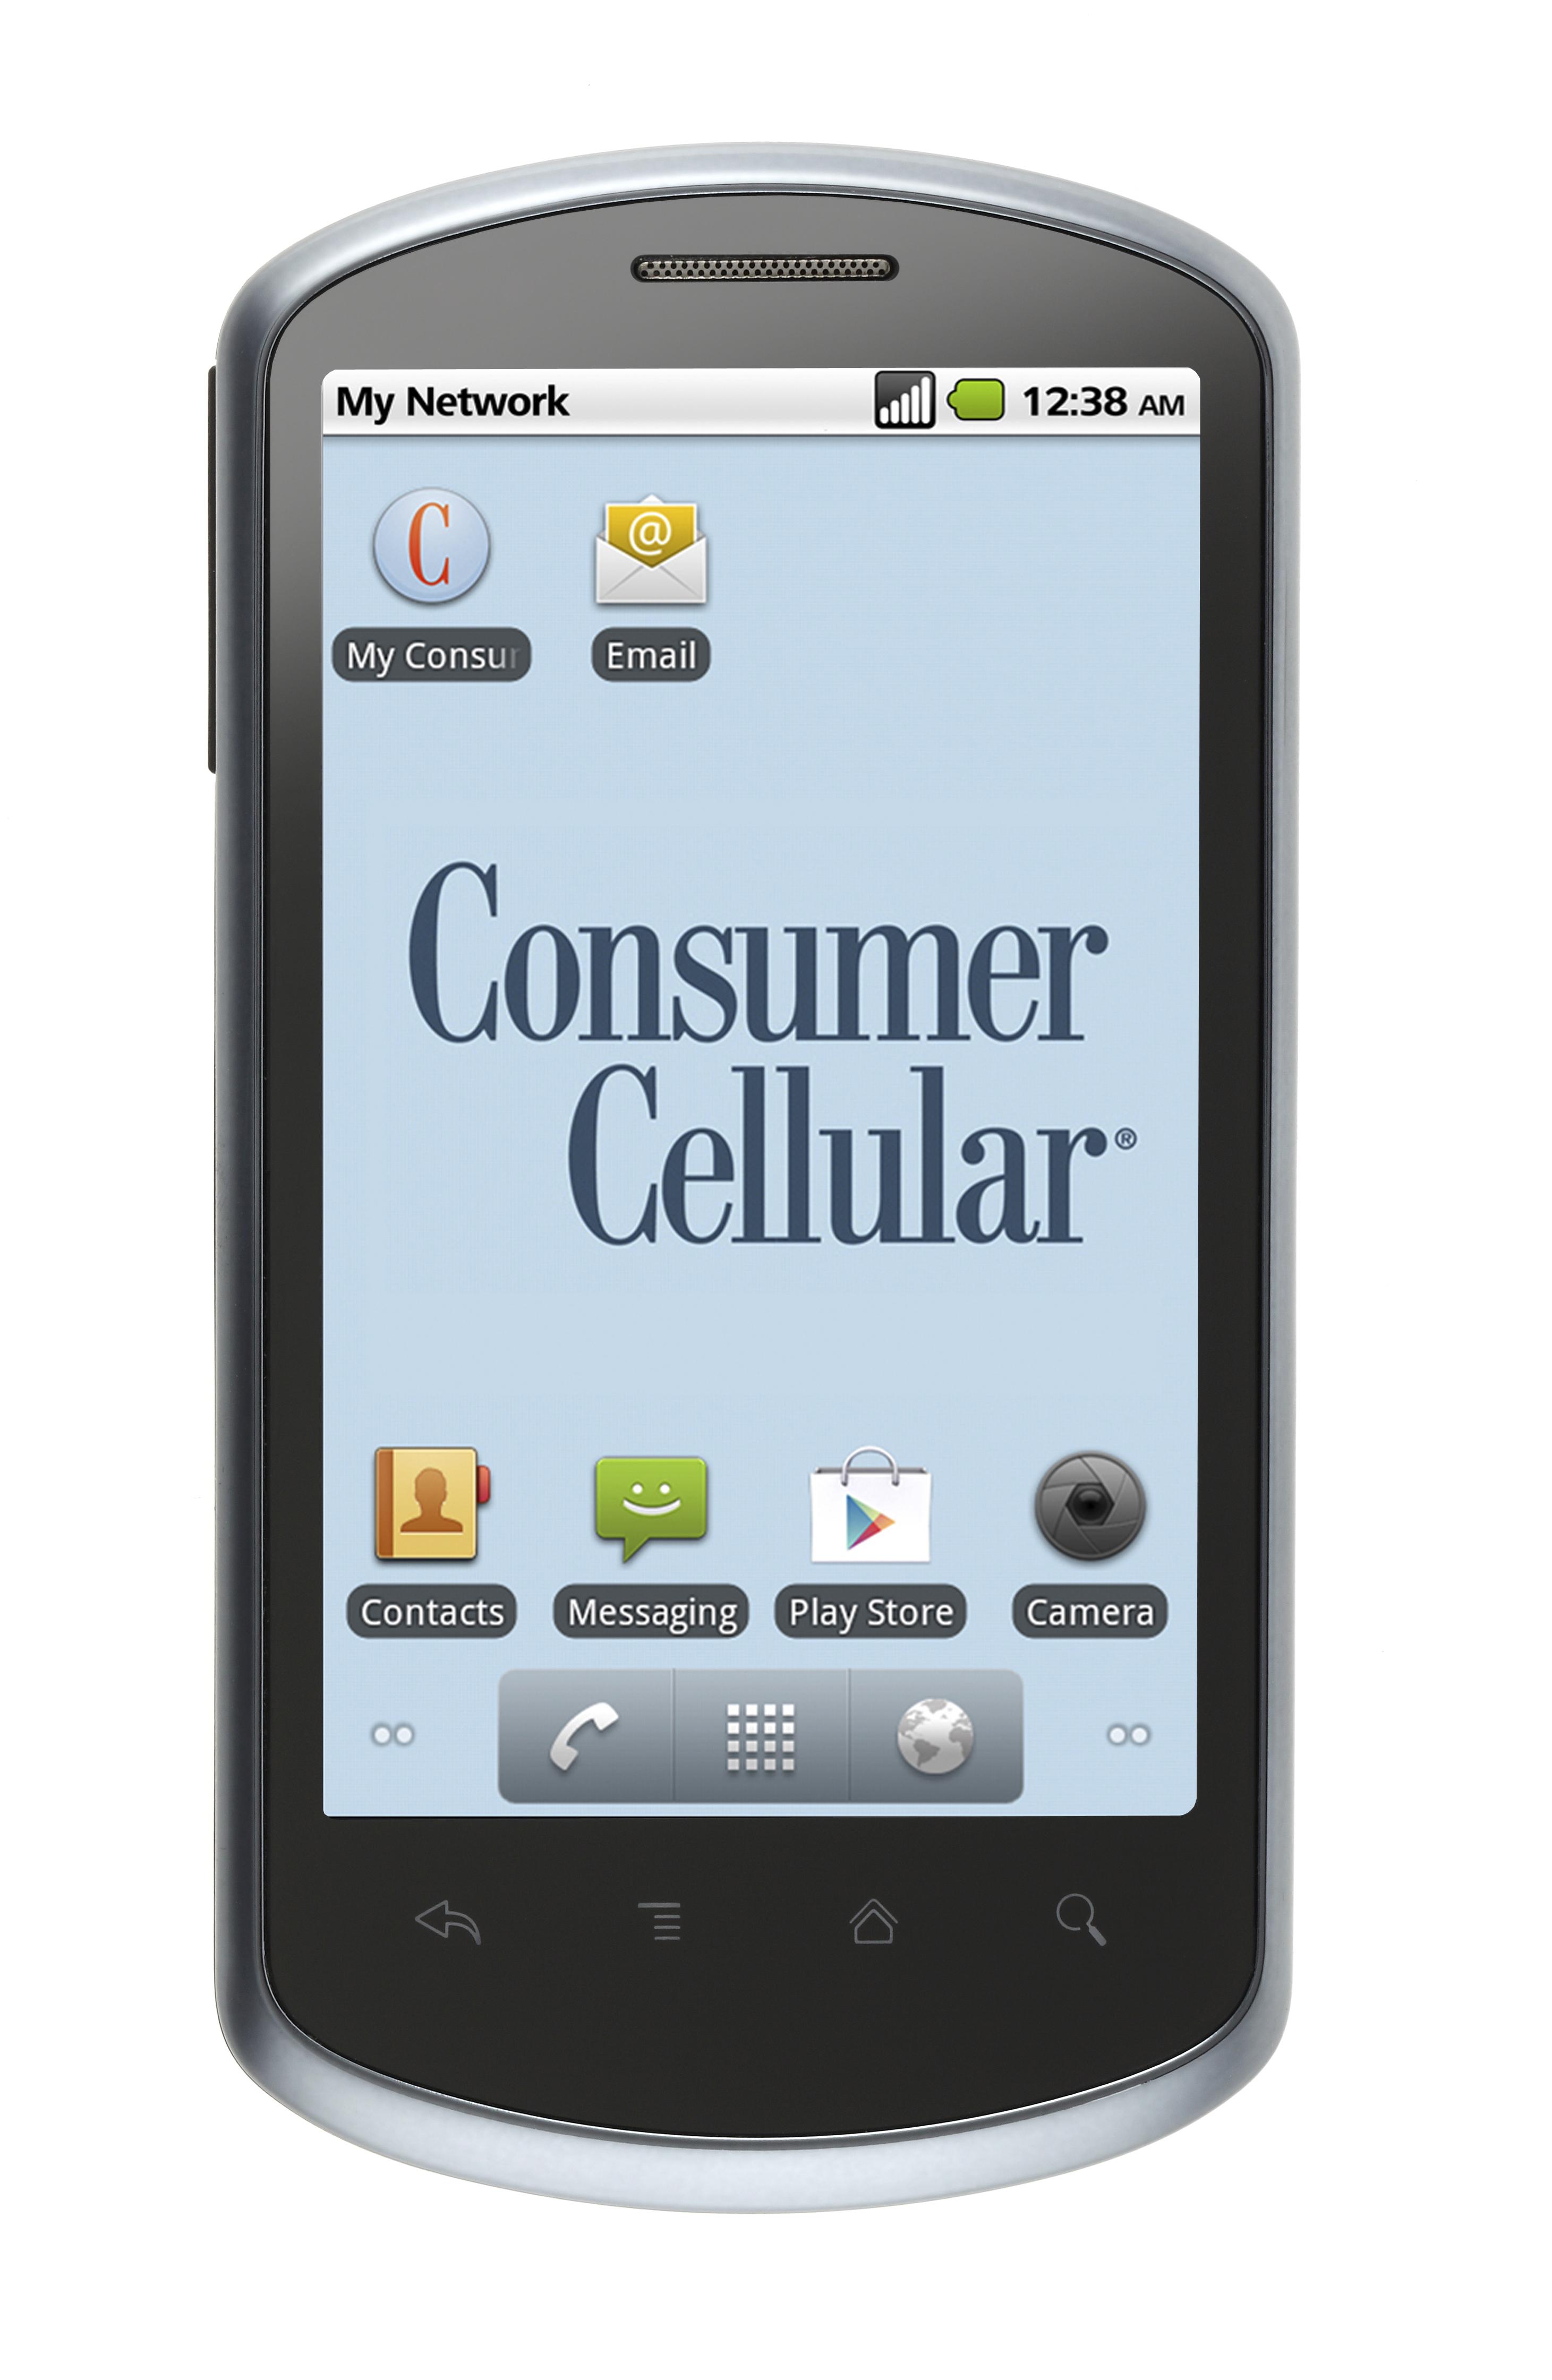 consumer-cellular.jpg#consumer%20cellular%202922x4482